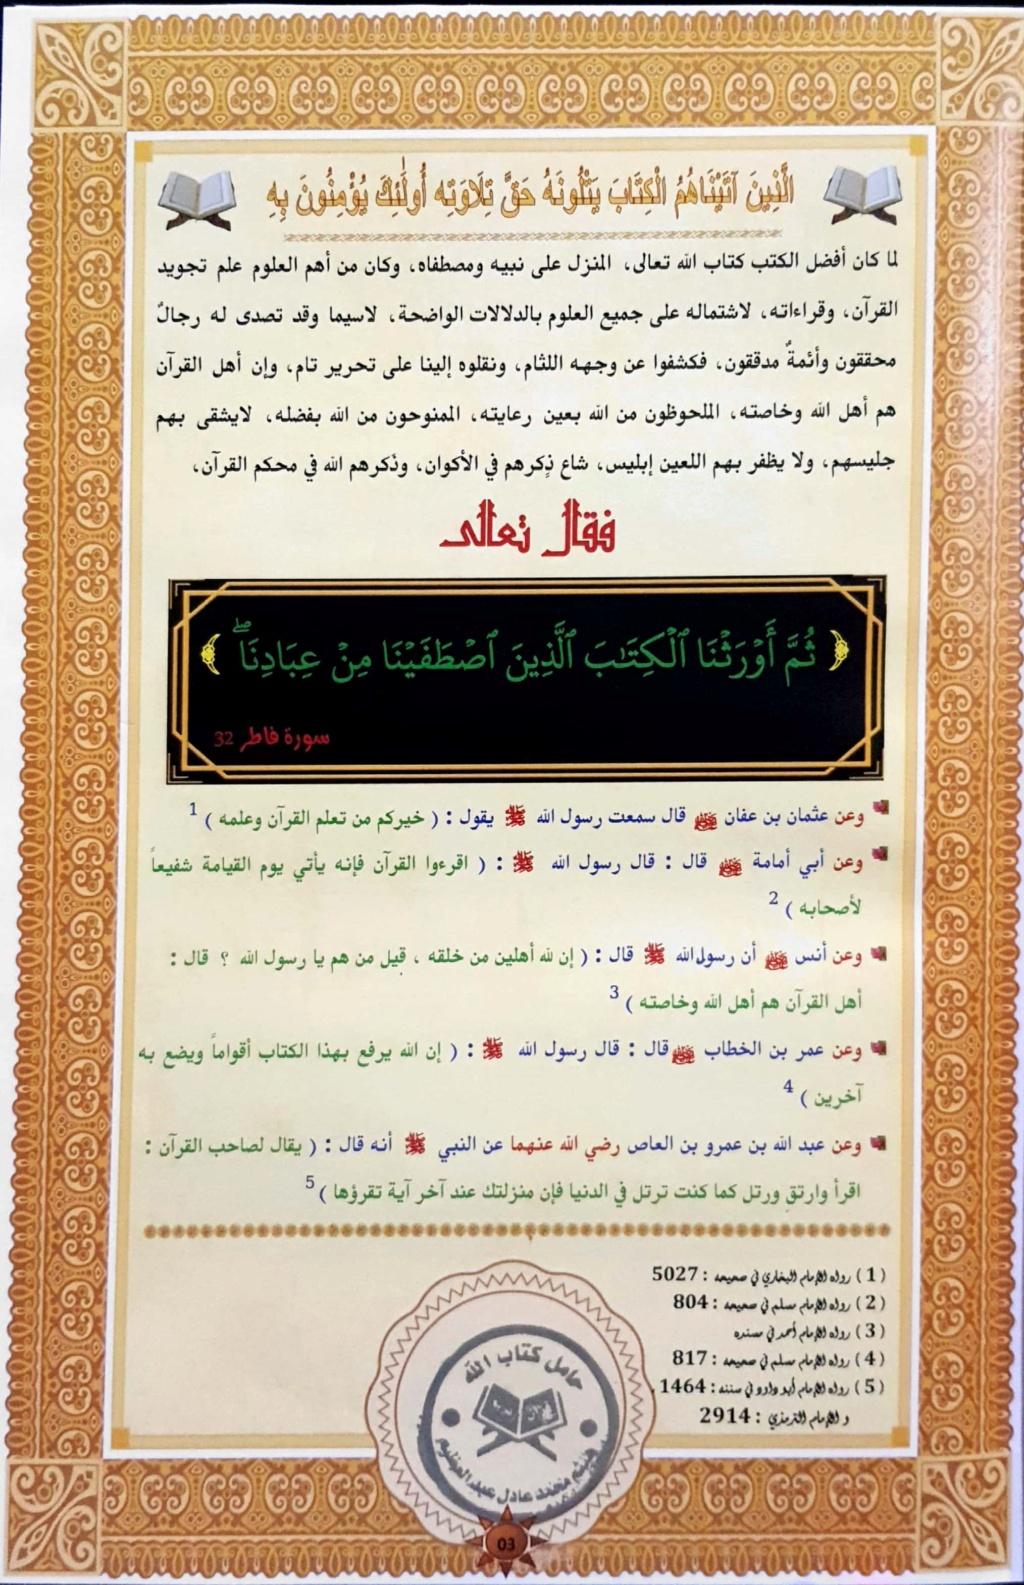 إجازة الشيخ أحمد محمد لبن بقراءة الإمام عاصم  Aeo_aa15